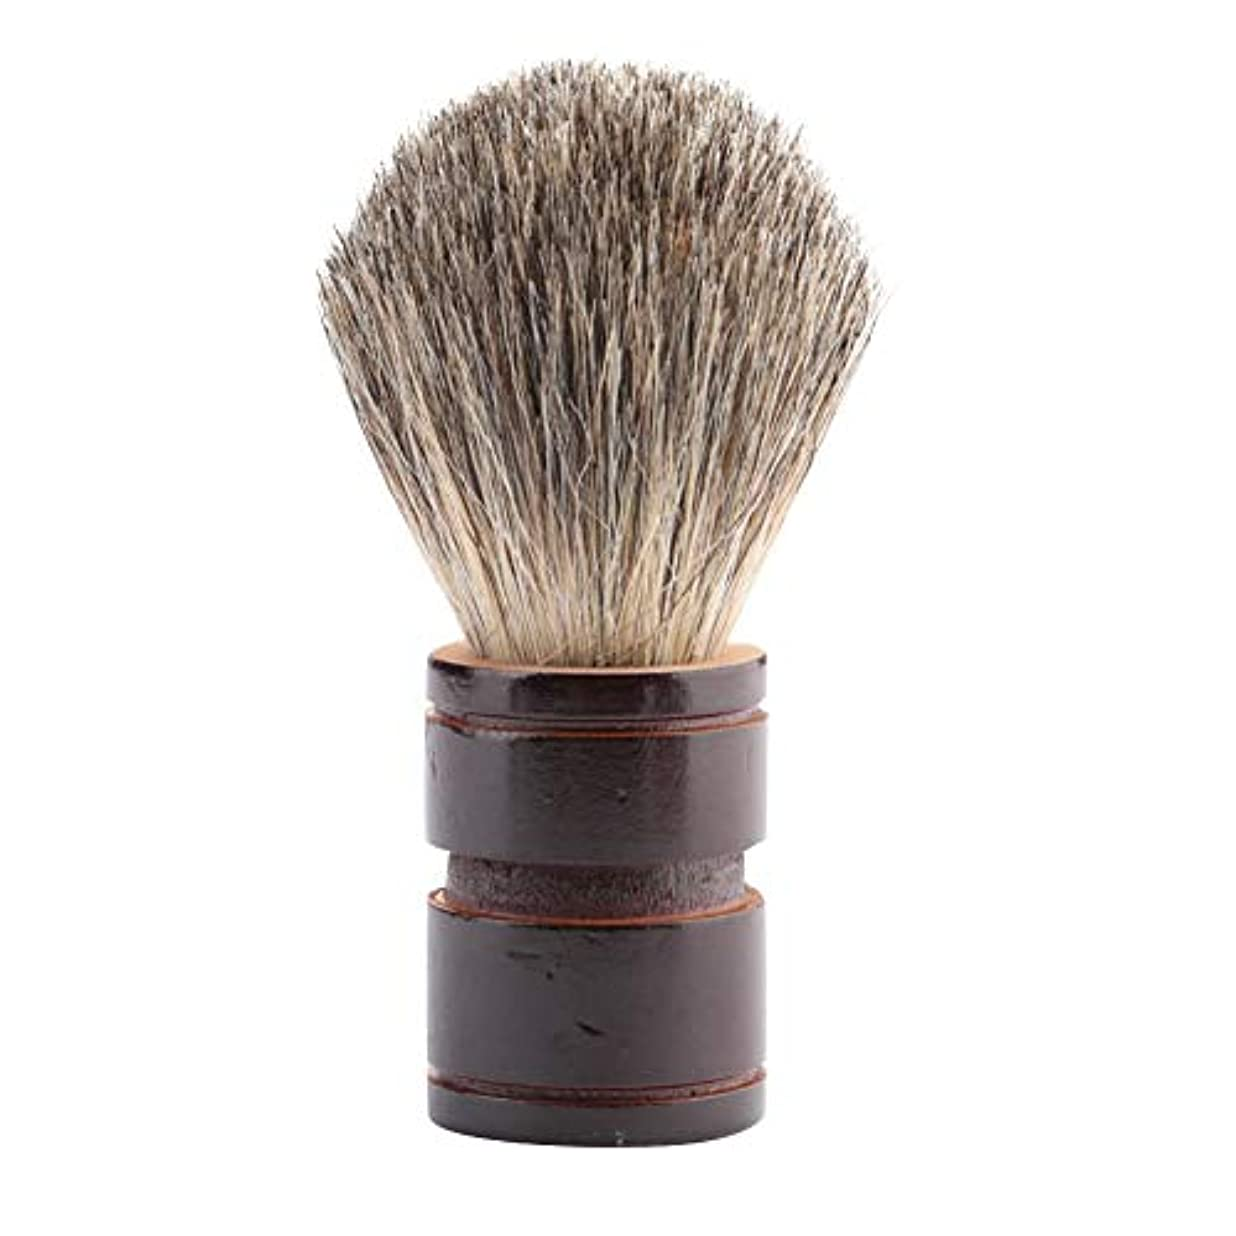 ピットハング無謀ひげブラシ、2色オプションのポータブルプレミアム品質ブラシ男性のためのひげのケアツール美容院と家庭用缶(ヘム+ミックスロード)